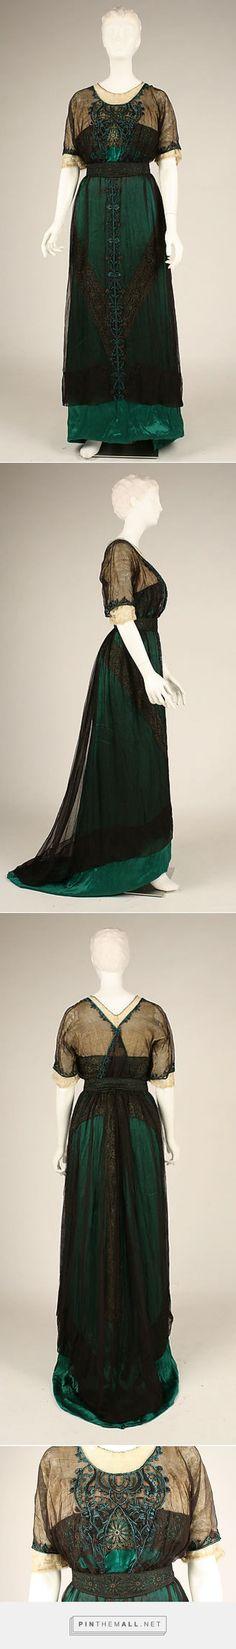 Dress ca. 1909 American   The Metropolitan Museum of Art